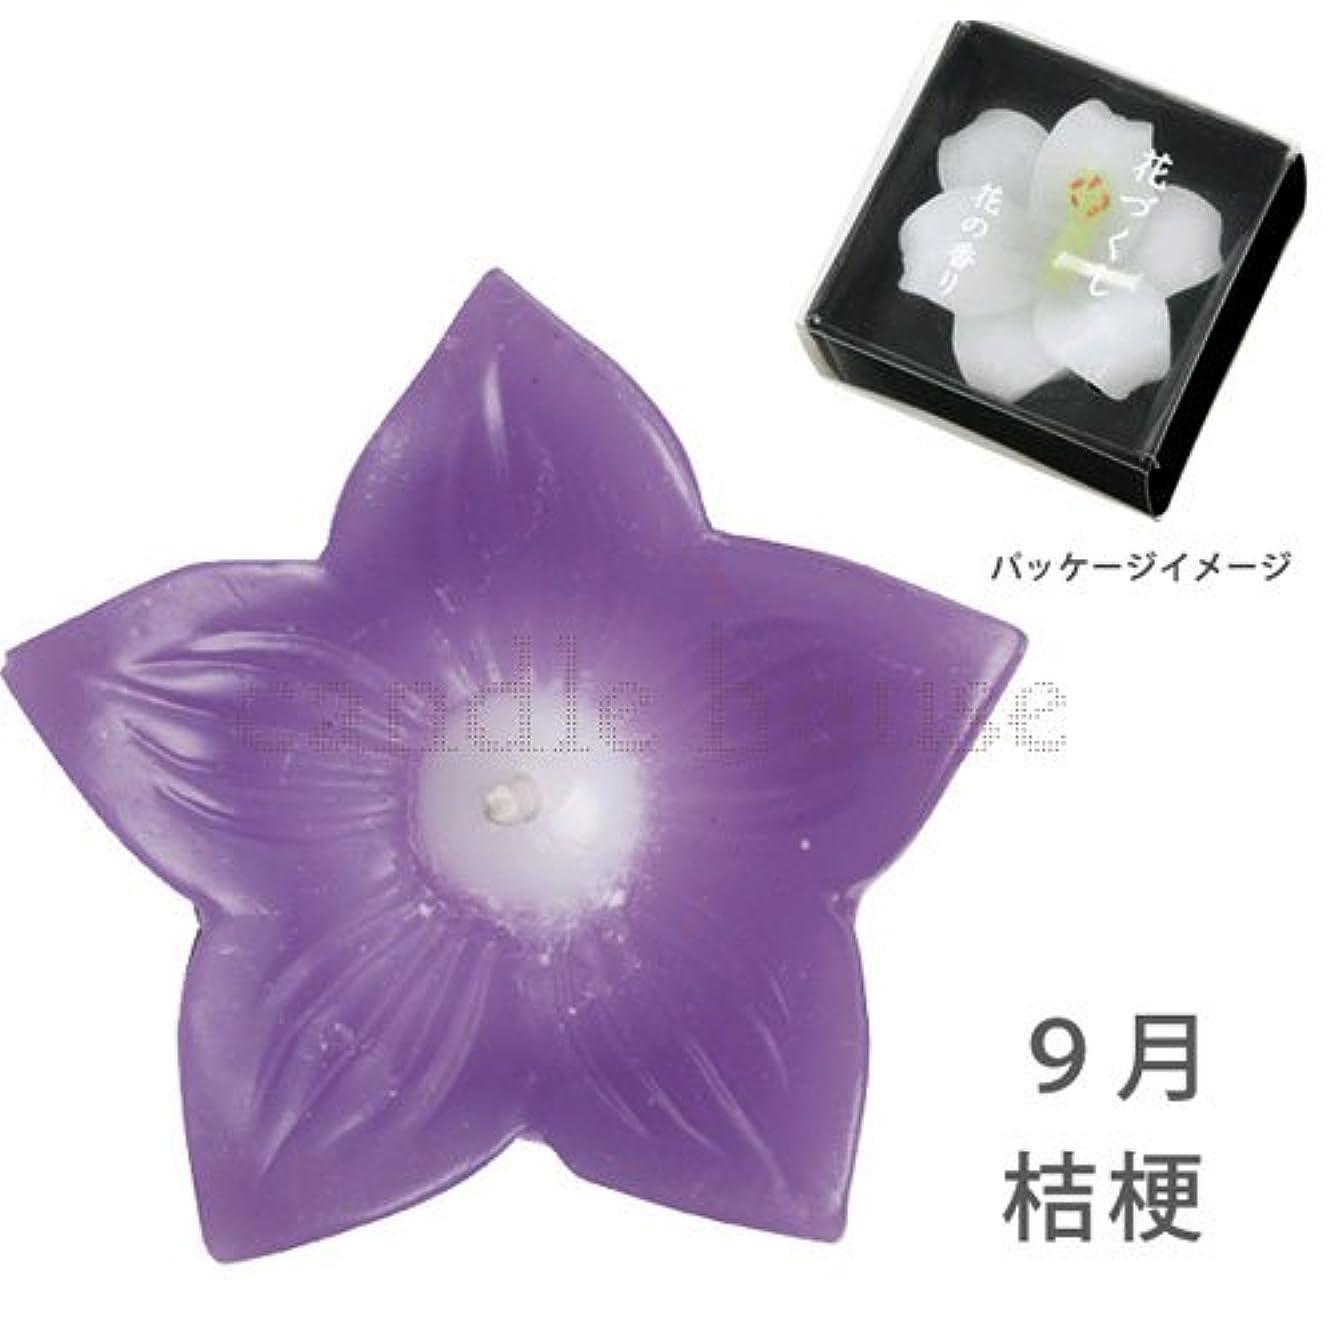 少年折るバルーンカメヤマキャンドル 花づくし(桔梗)